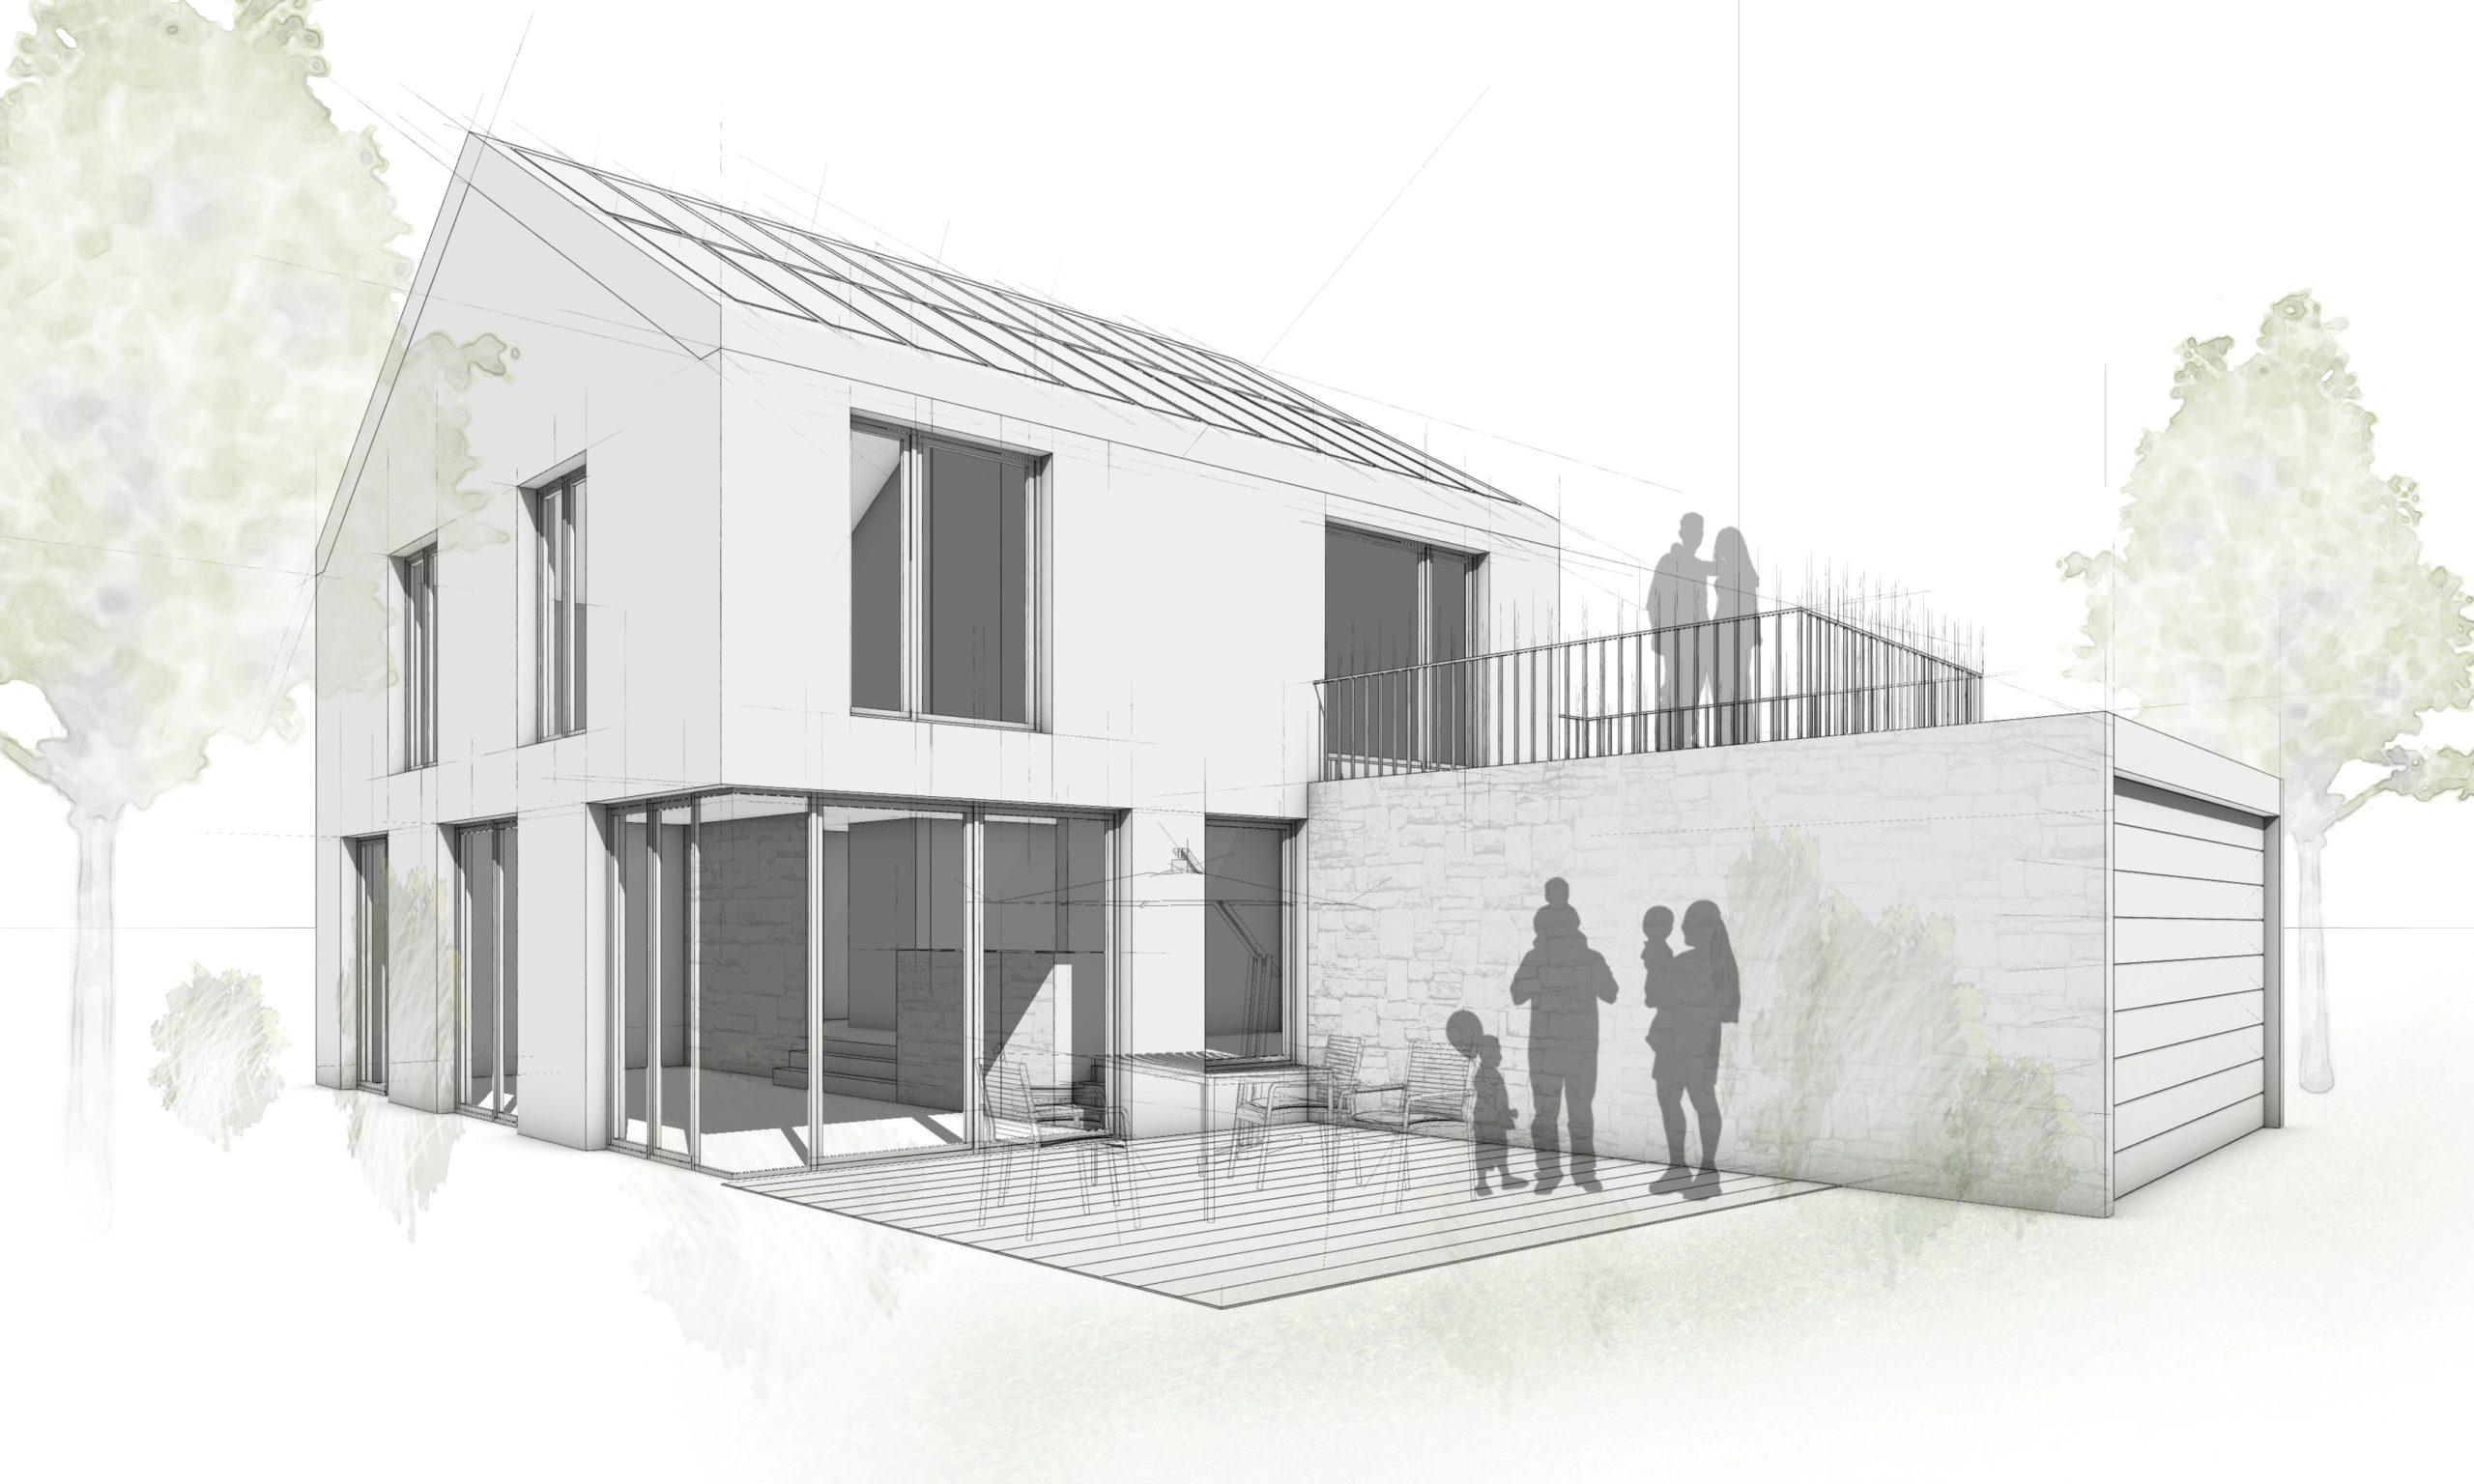 neubauten Haus Skizze